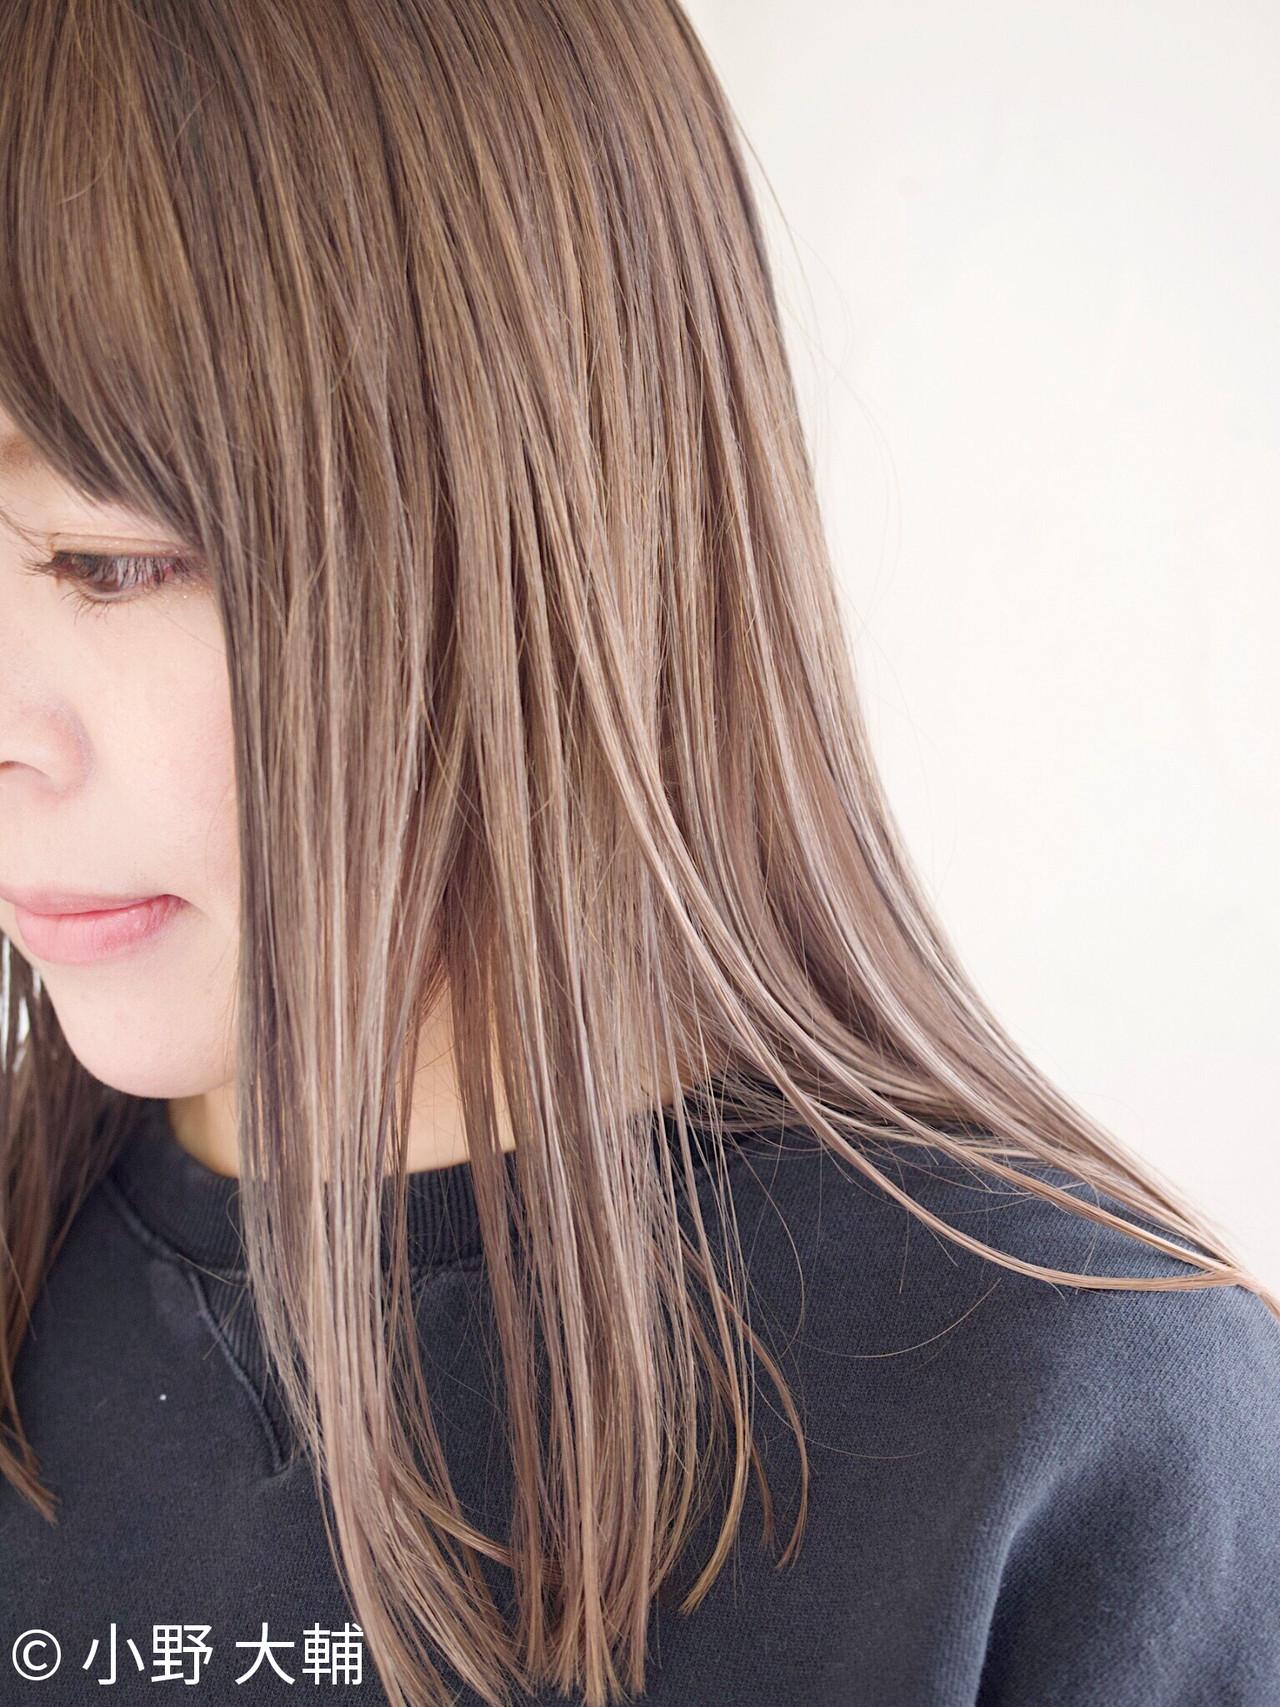 ミルクティーグレージュ ボブ グレージュ ミルクティーベージュ ヘアスタイルや髪型の写真・画像 | 小野 大輔 / OHIA  for plumeria